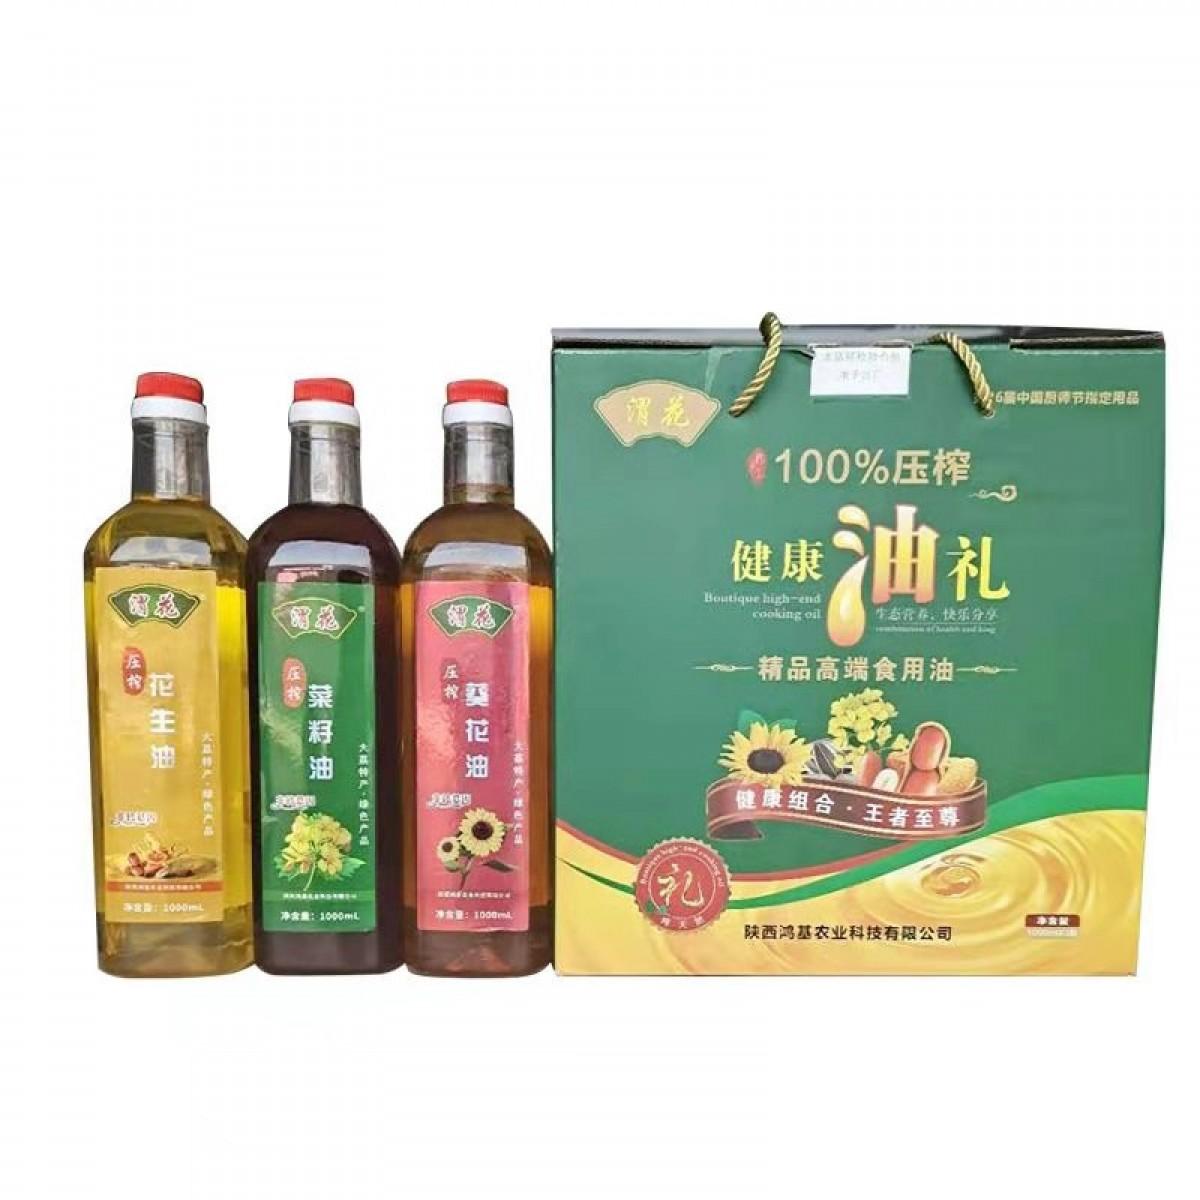 【渭南扶贫馆】大荔县鸿基食用油组合装礼盒装